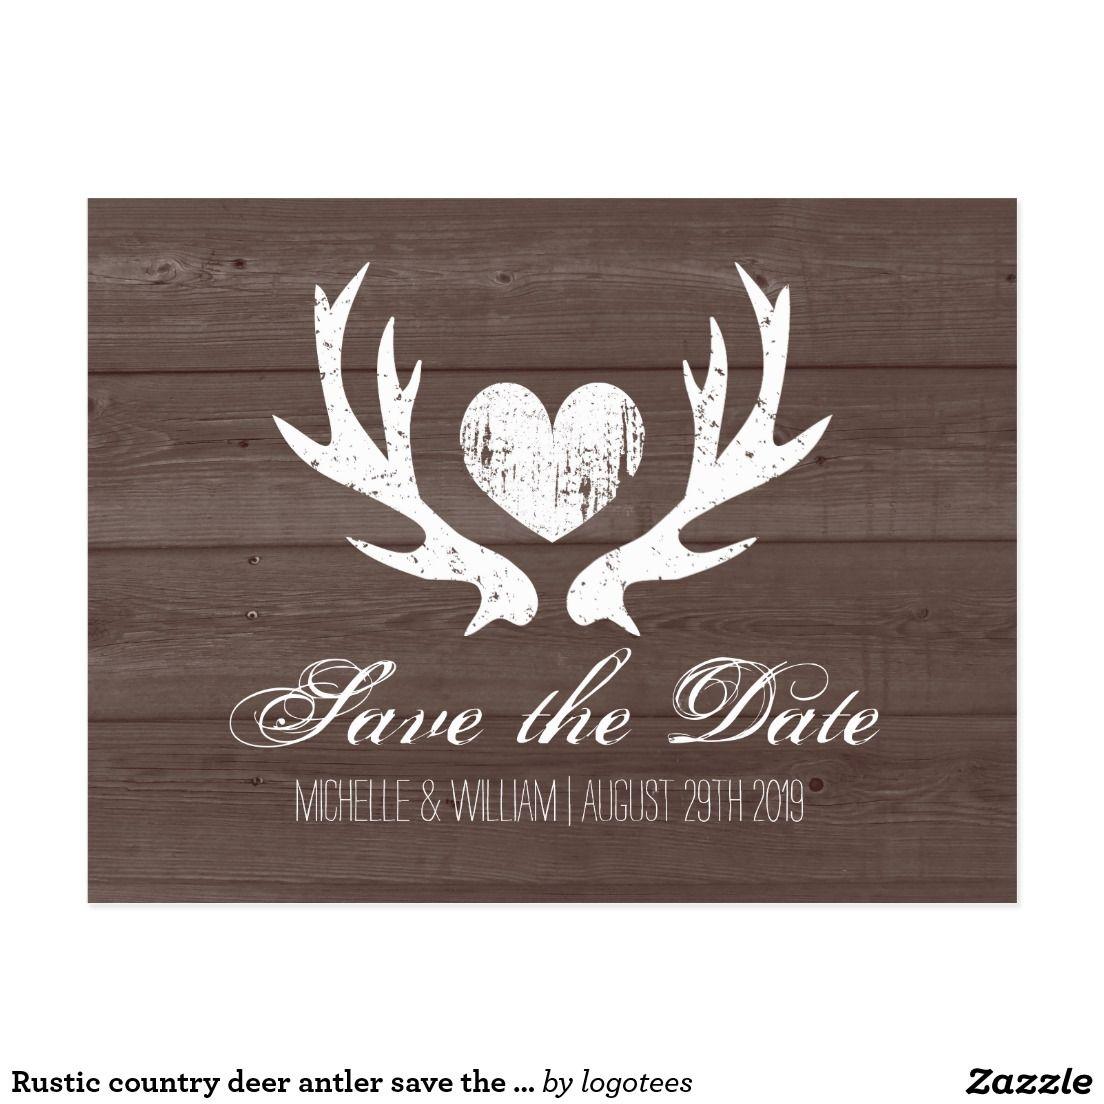 Rustic Country Deer Antler Save The Date Postcards Deer Antlers